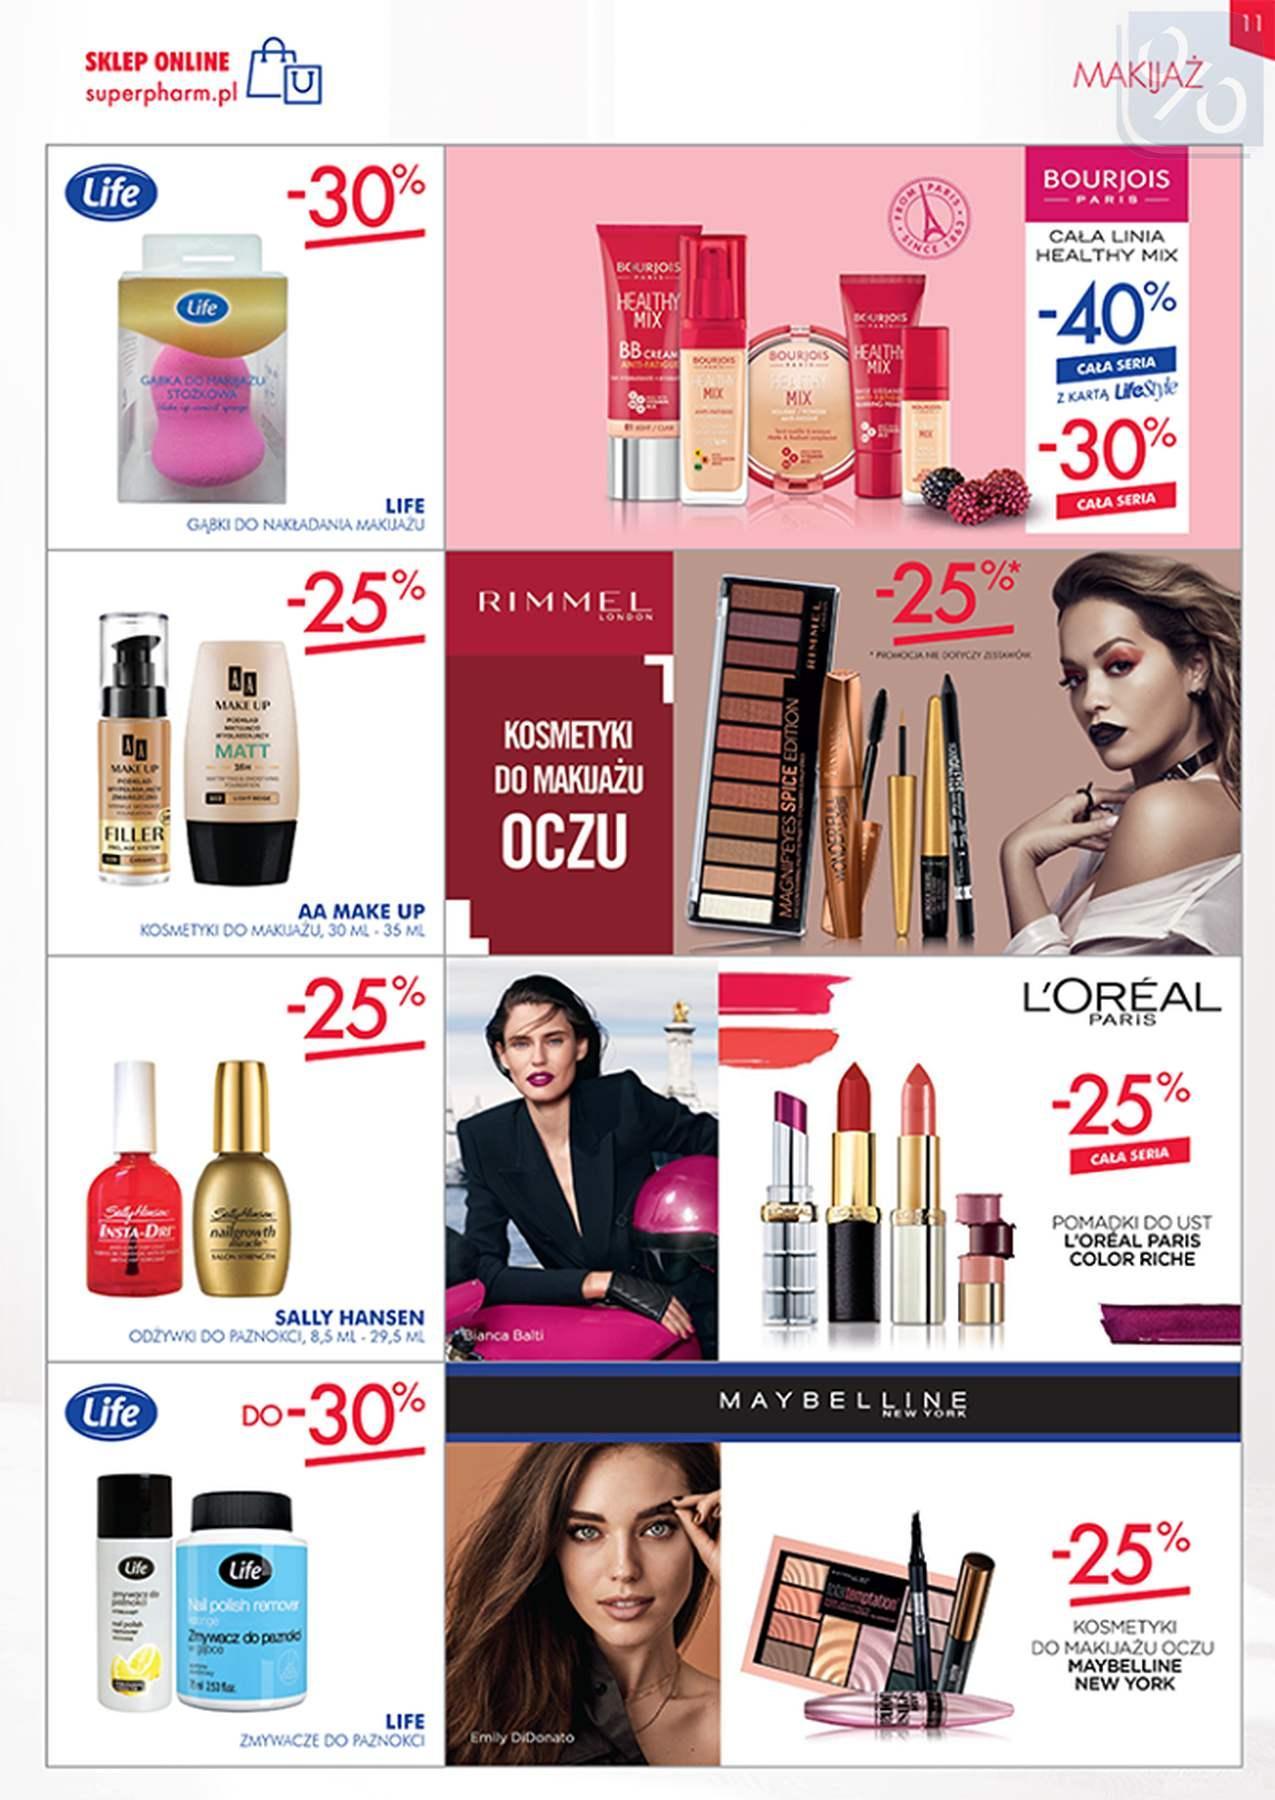 Gazetka promocyjna Superpharm do 23/01/2019 str.10